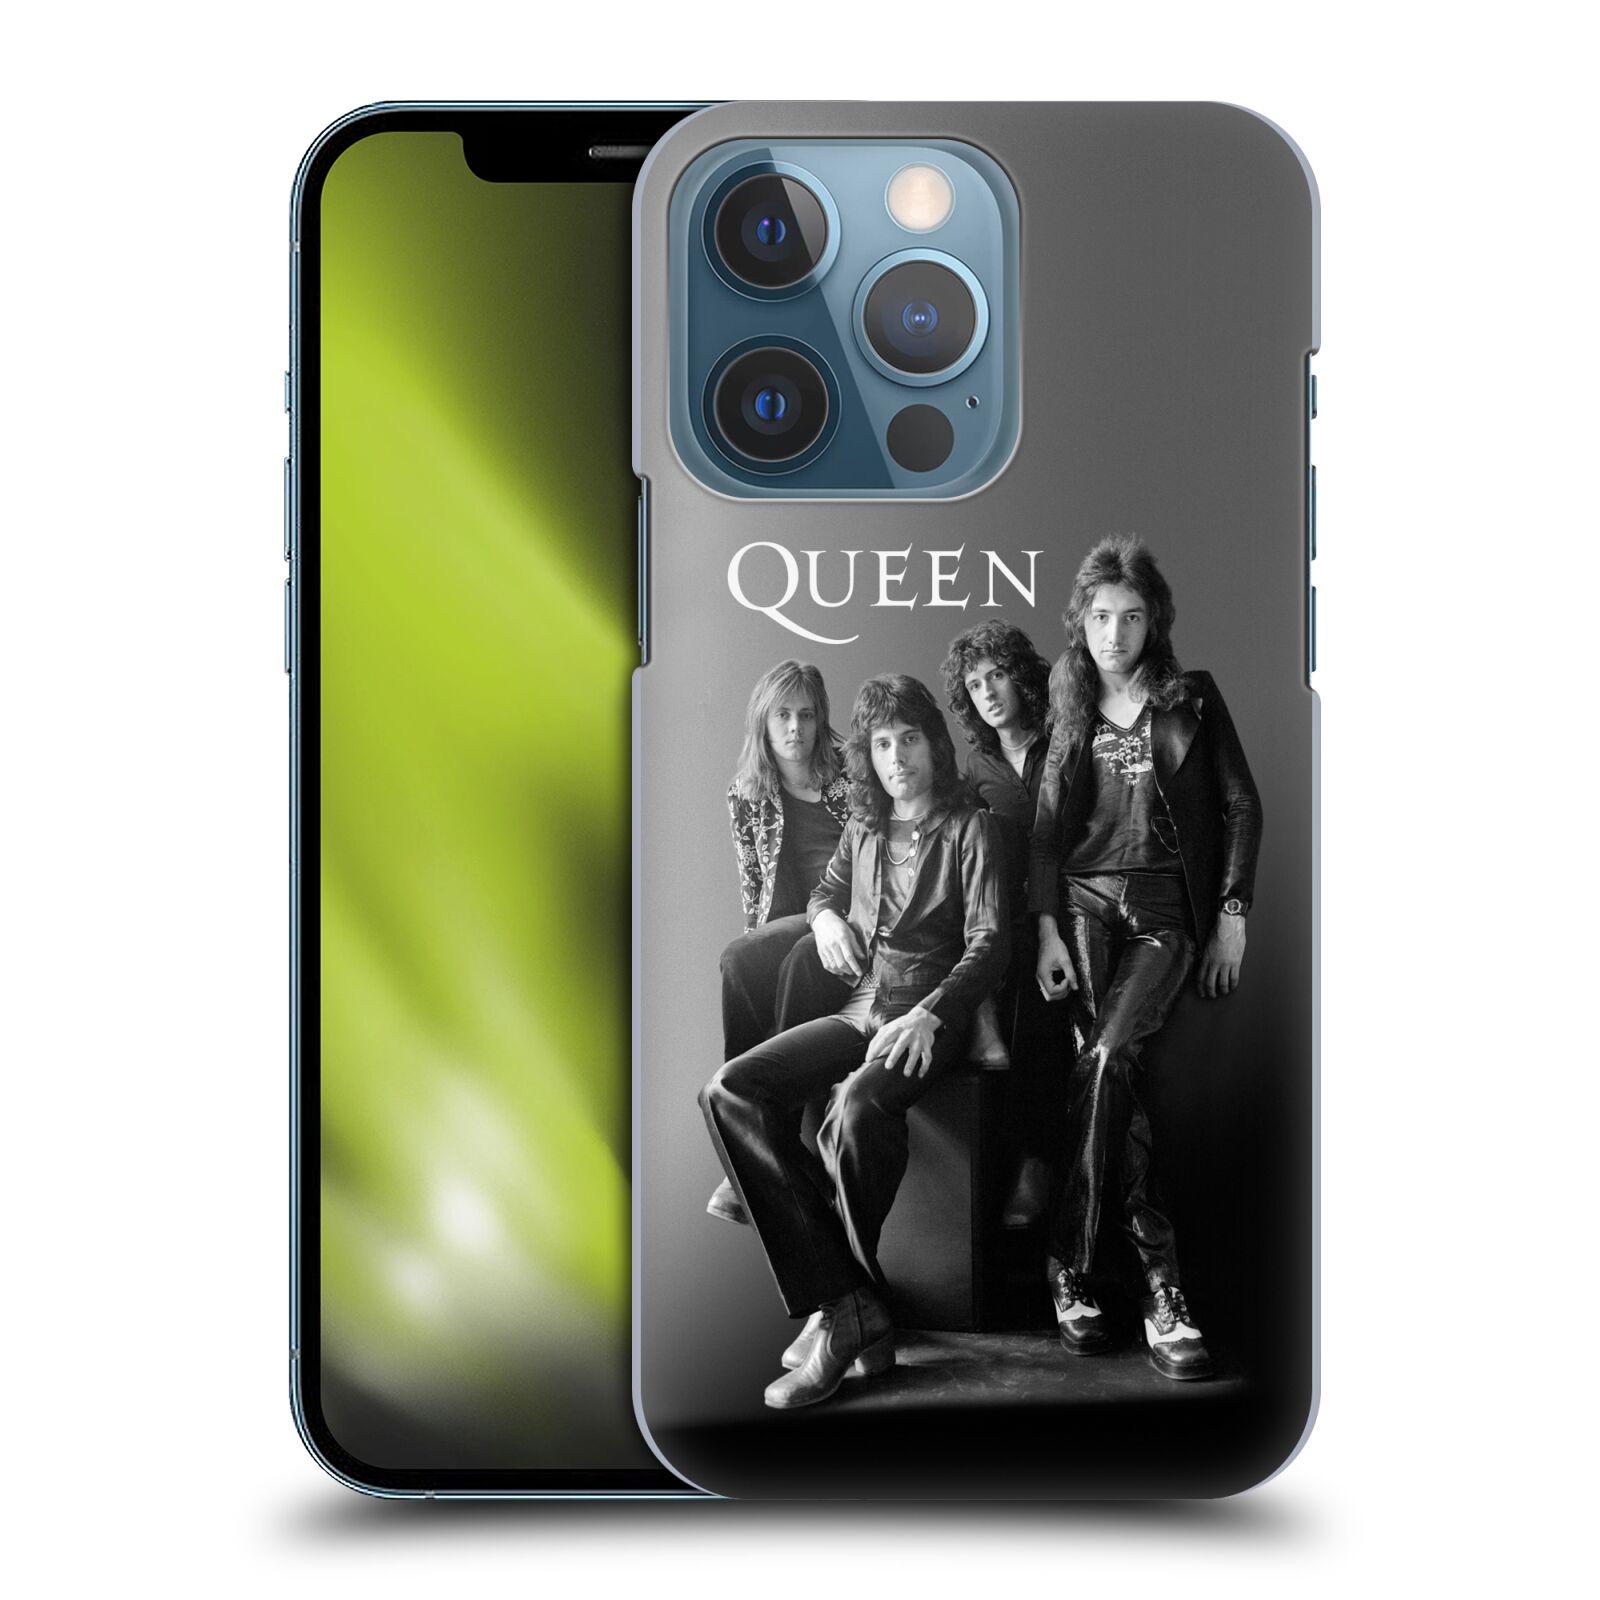 Plastové pouzdro na mobil Apple iPhone 13 Pro - Head Case - Queen - Skupina